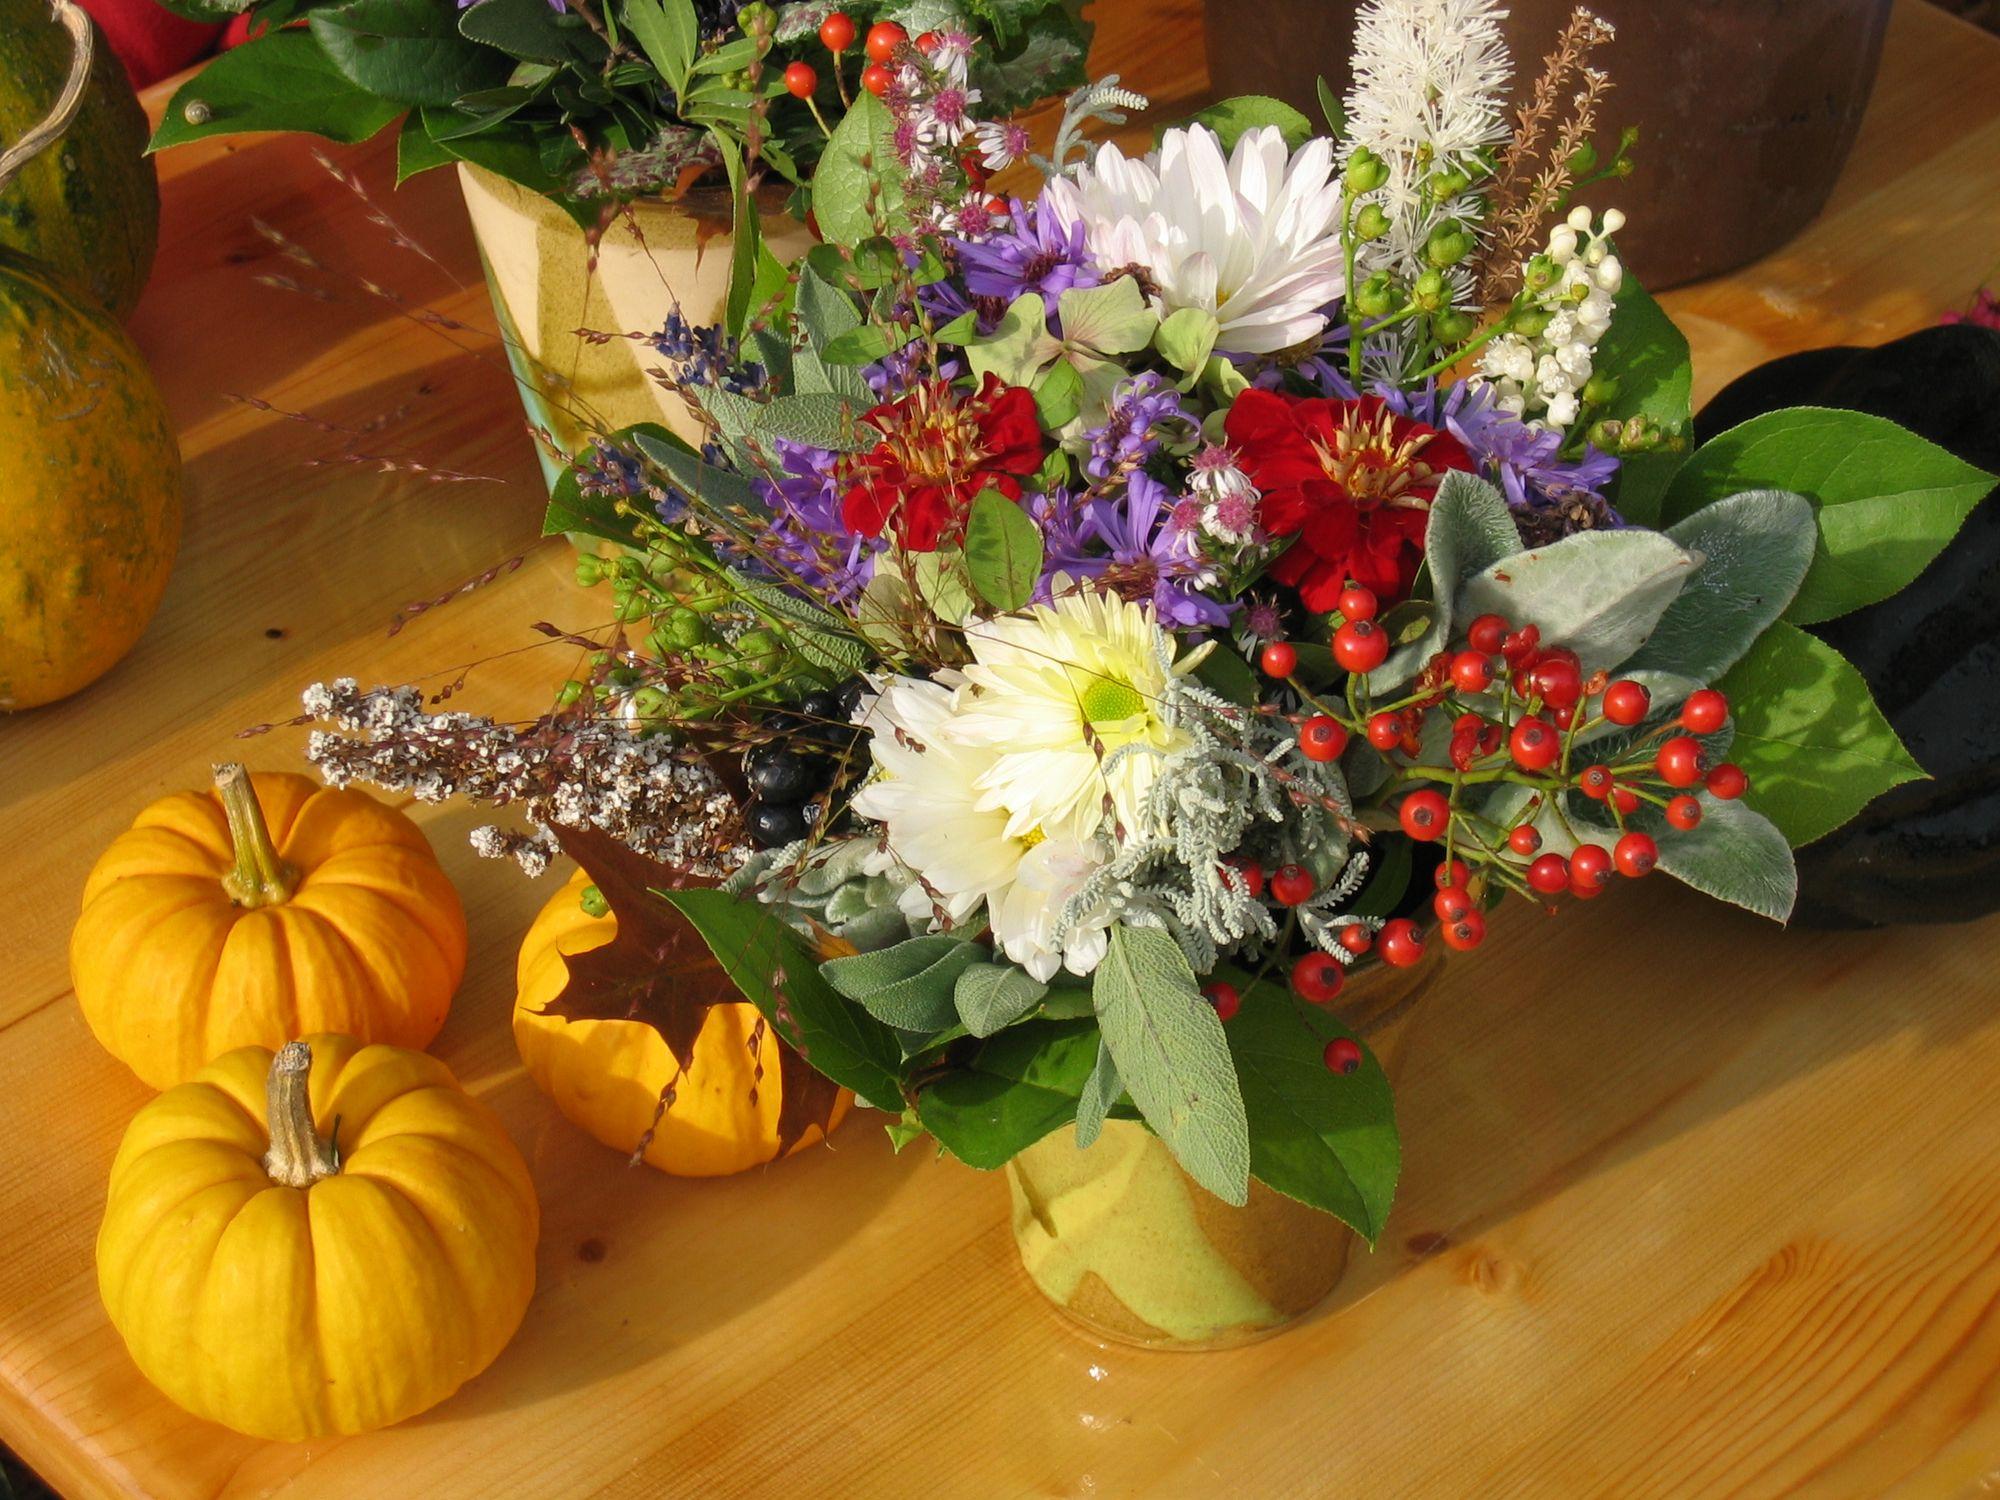 Tischdeko Herbst vom Florist in Berlin